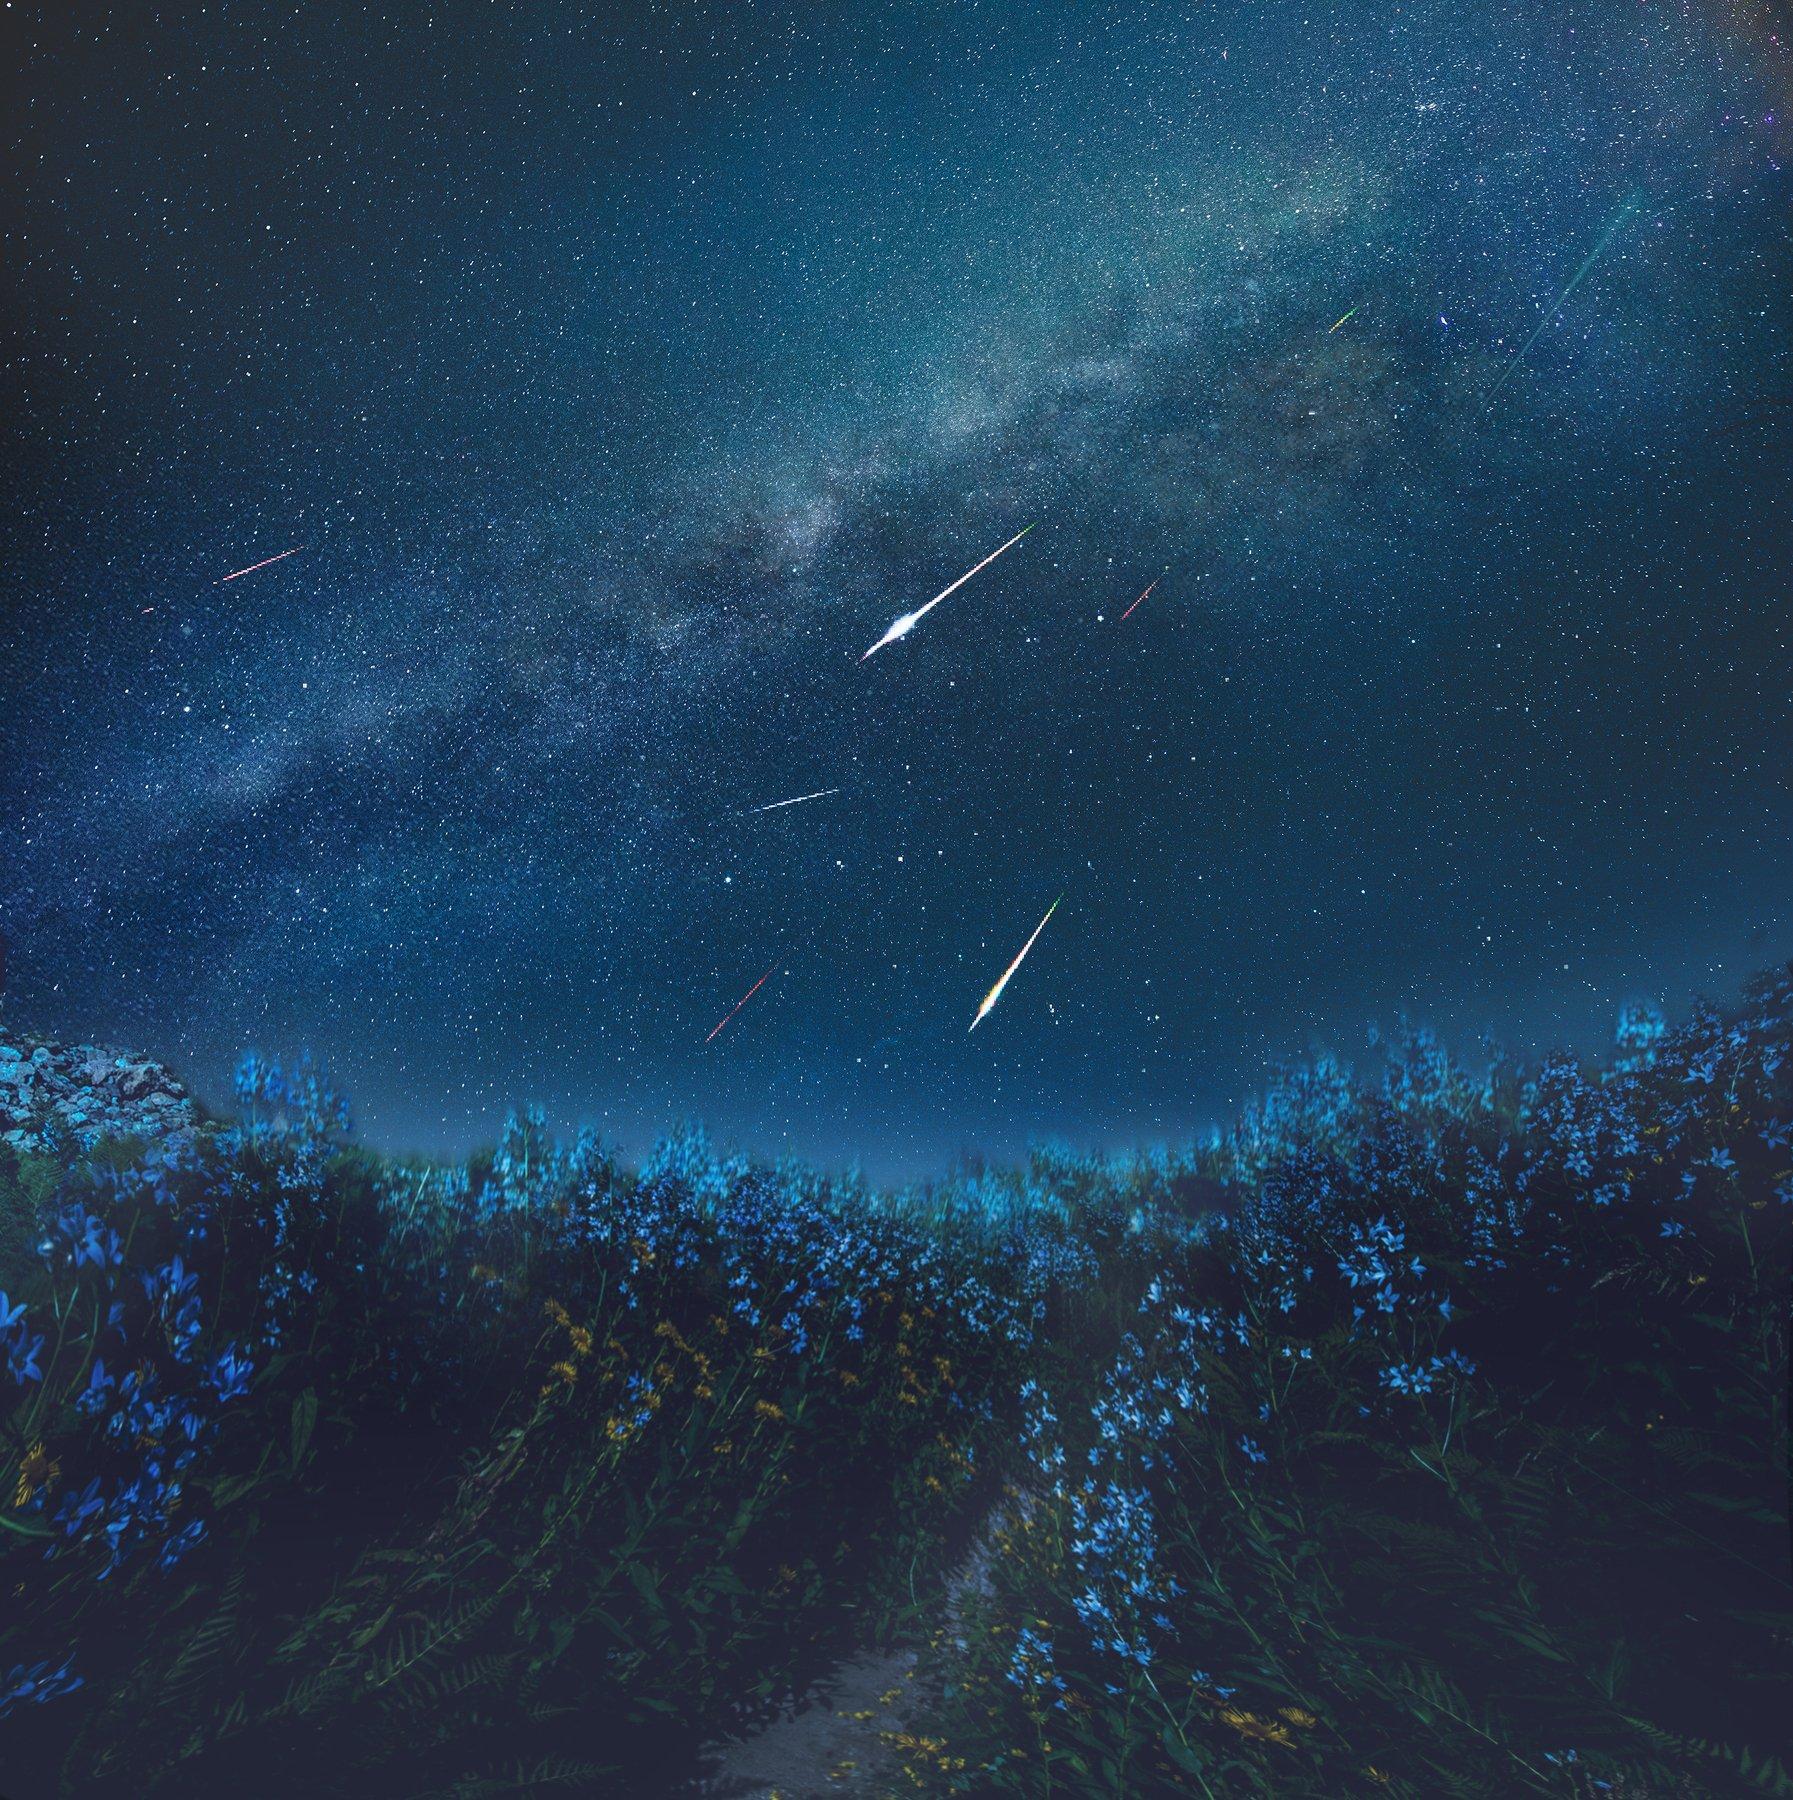 Звездопад, ночной пейзаж, астрофотография, Оксана Сироткина